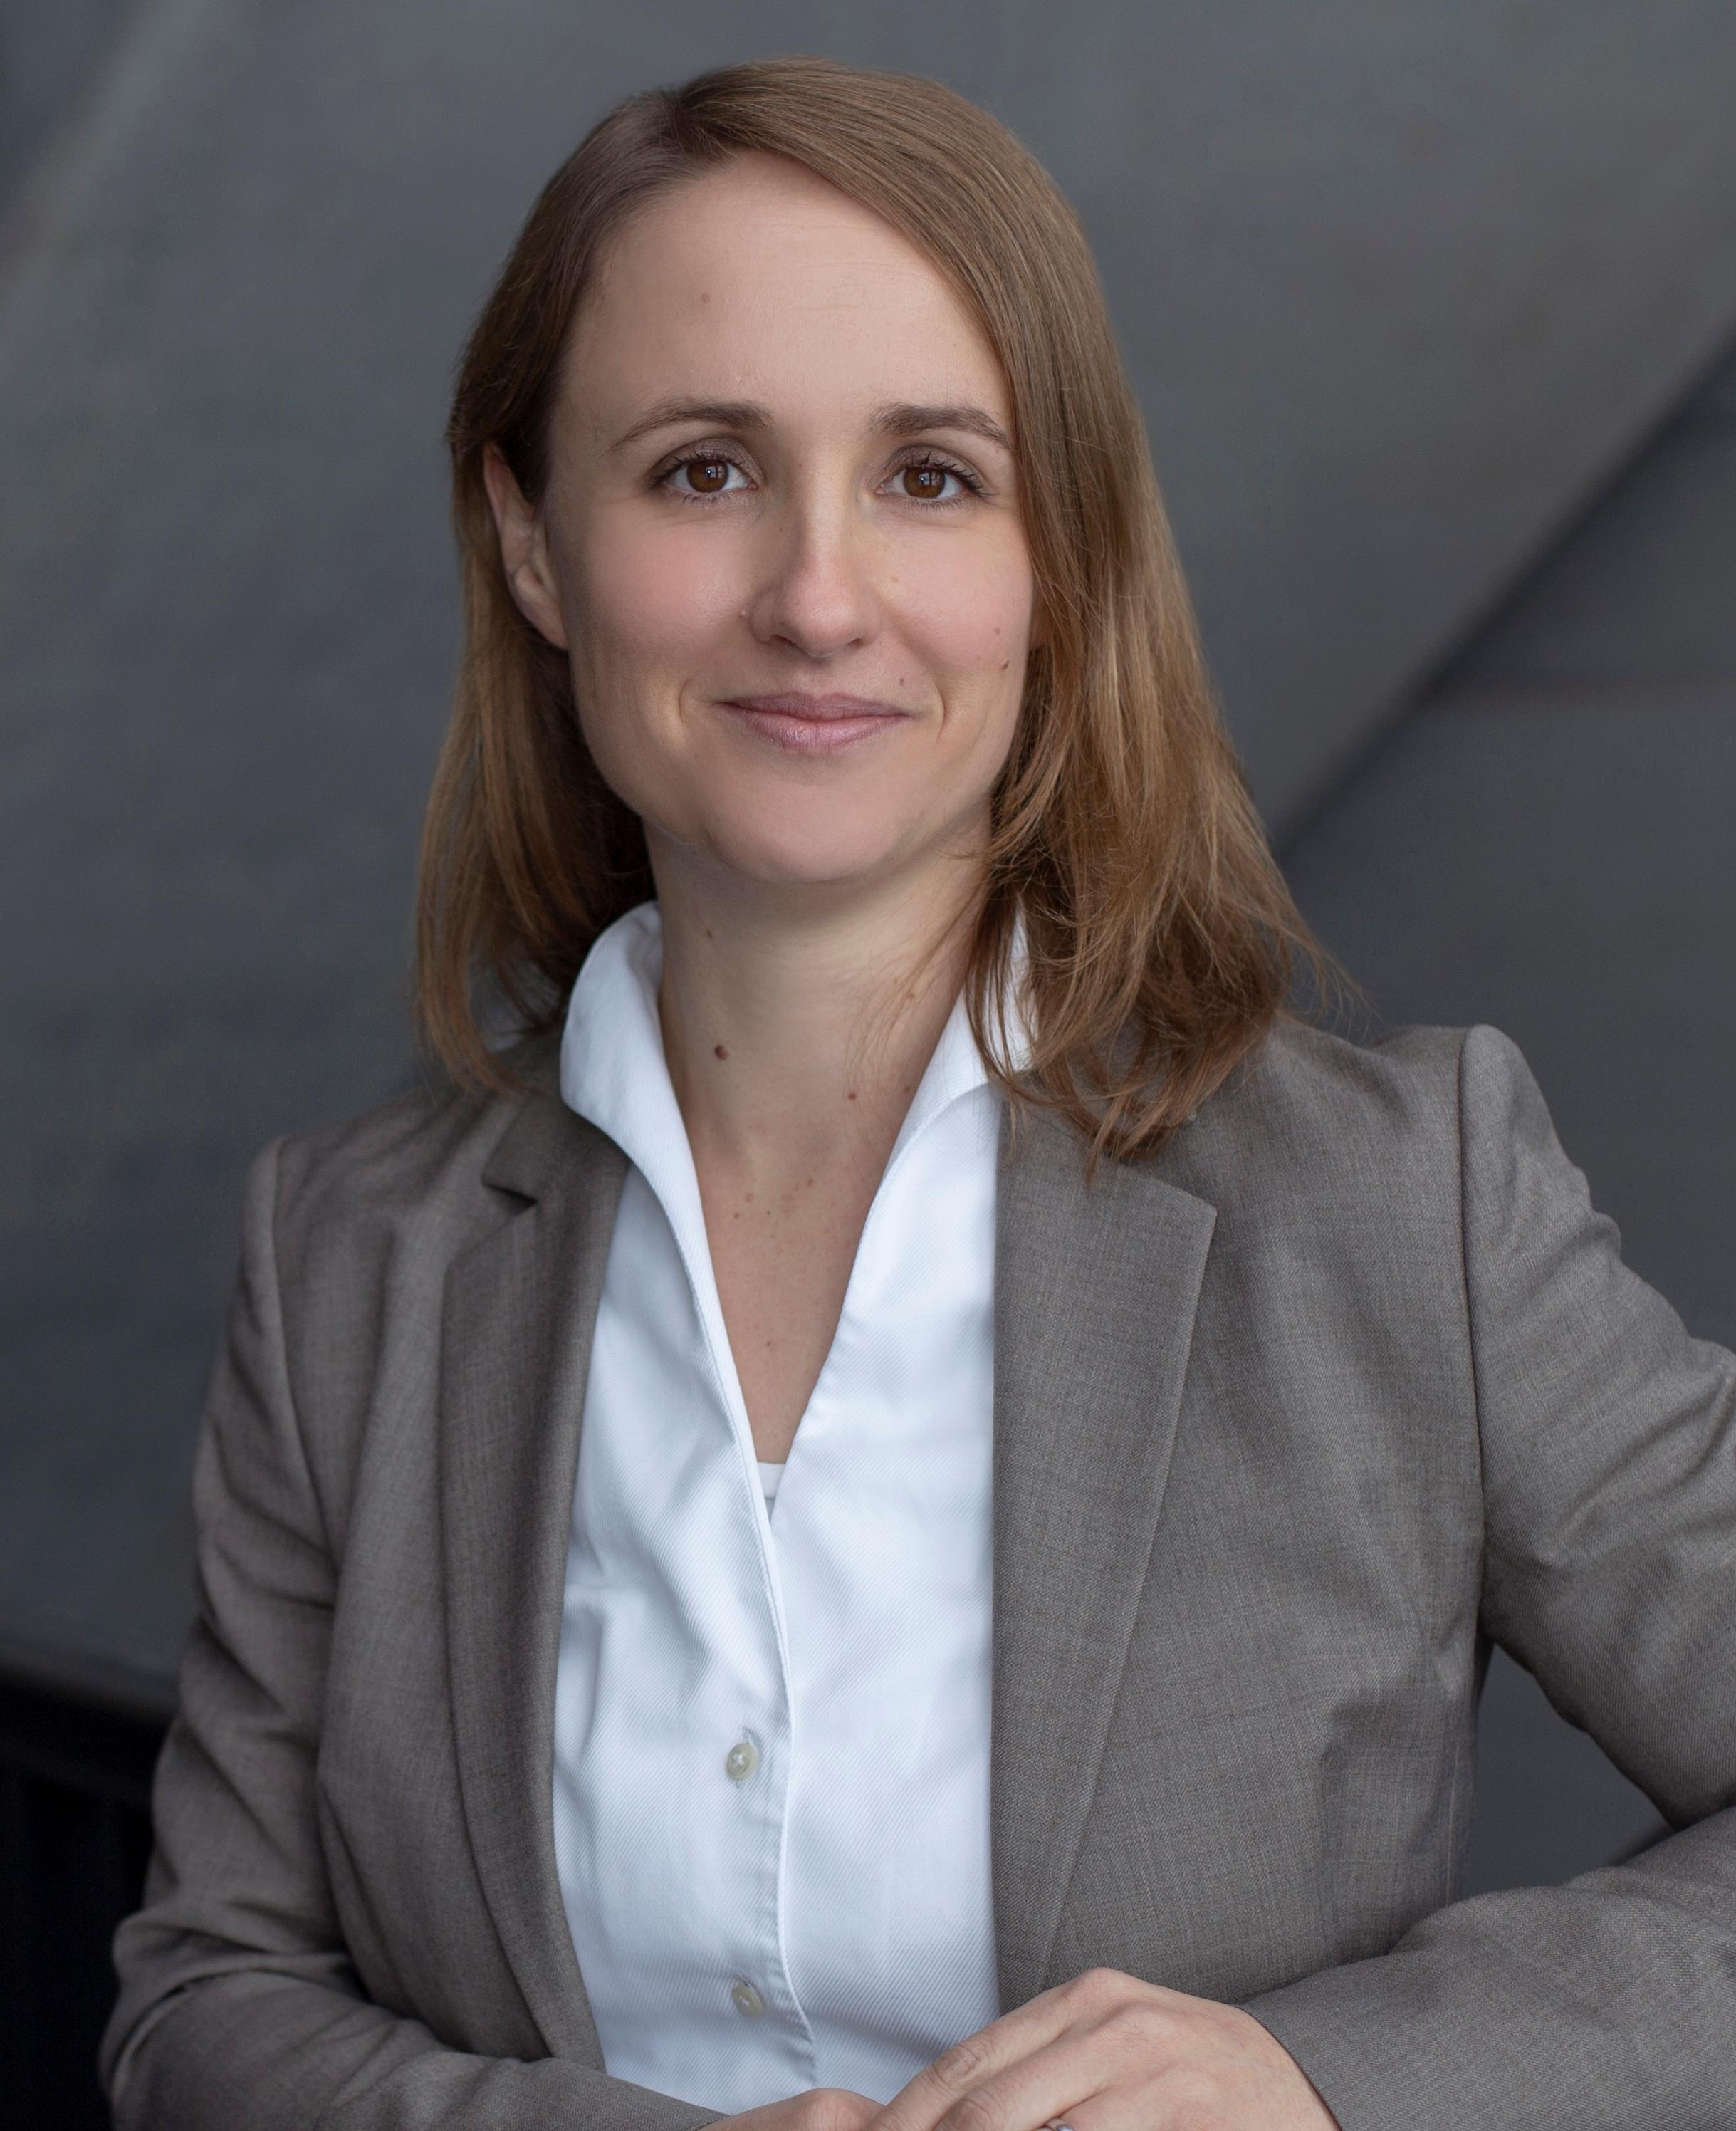 Prof. Dr. Maud Schmiedeknecht